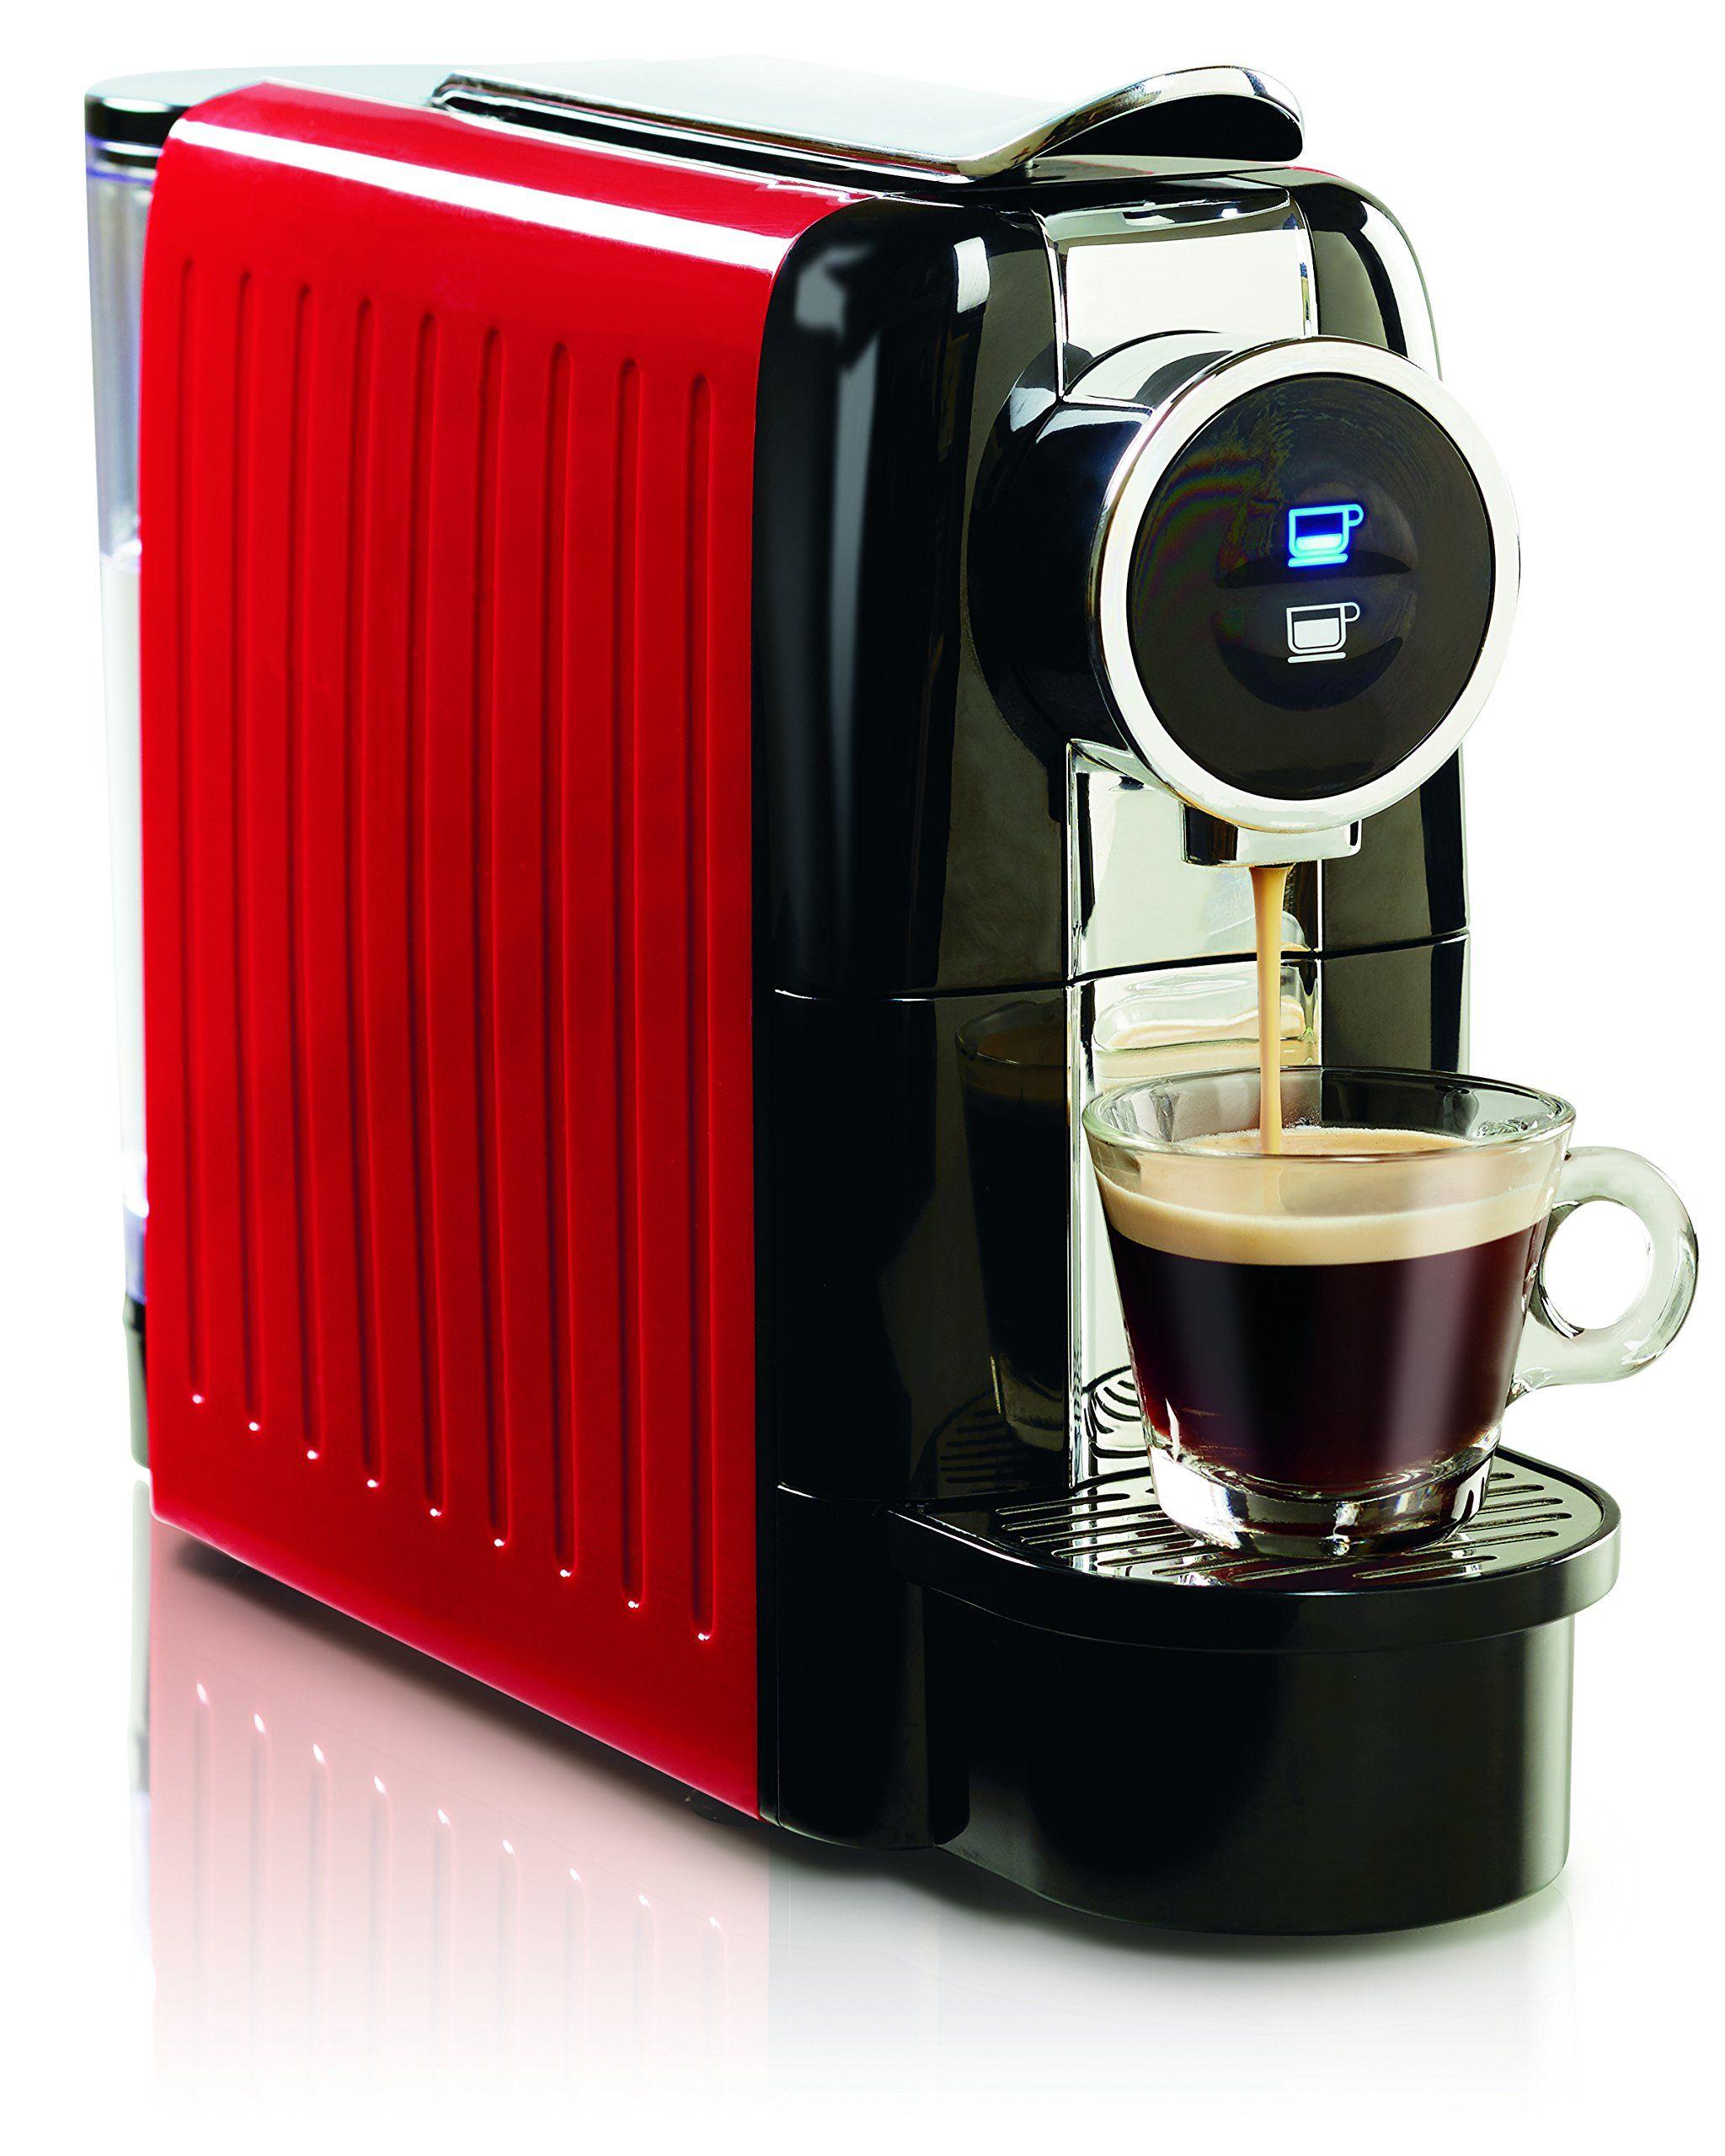 Hamilton Beach 40725 Espresso Maker Red  Be Sure To